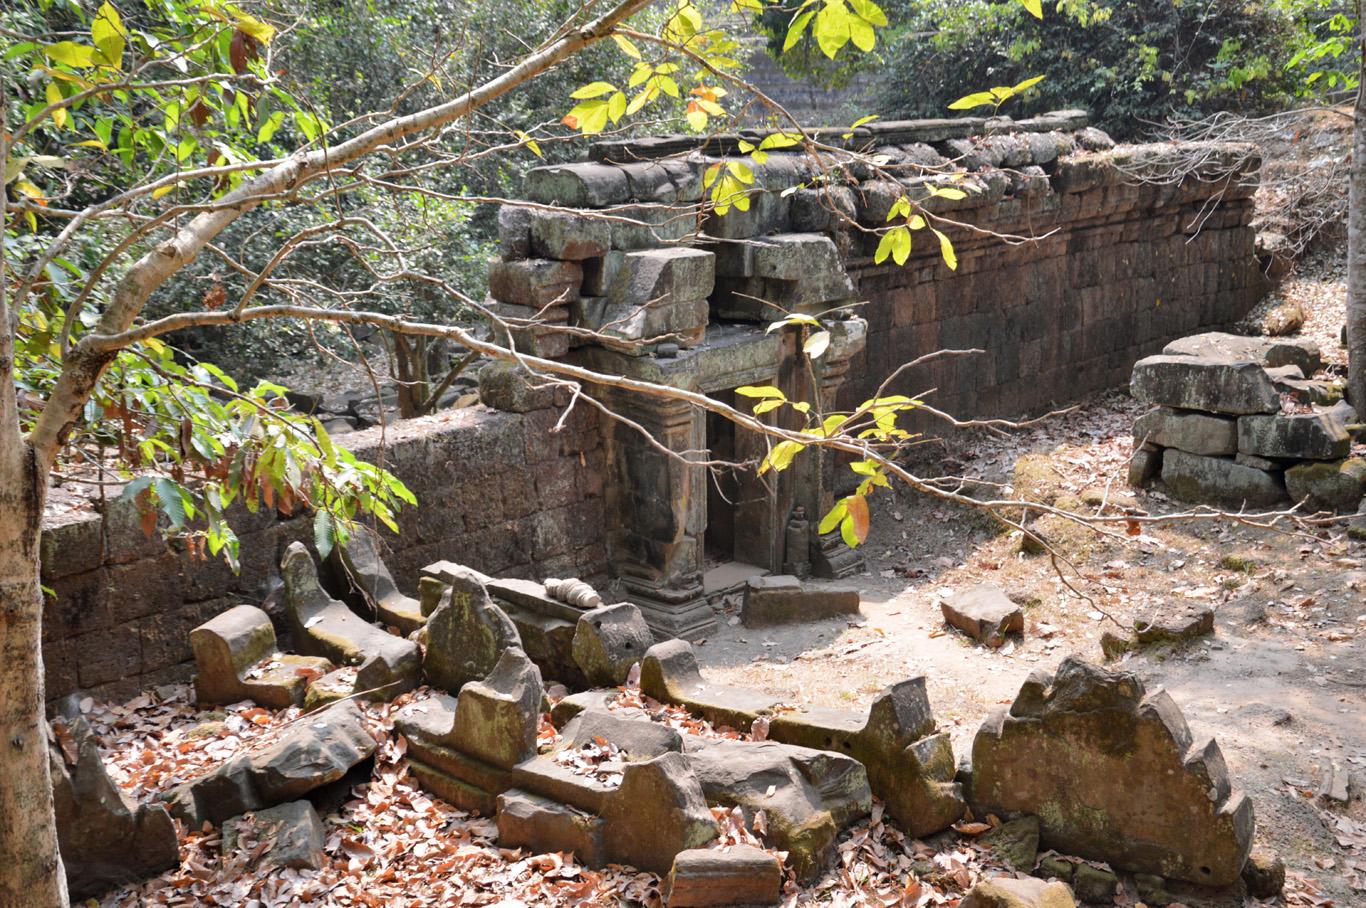 The ruins of the walls of Angkor Thom